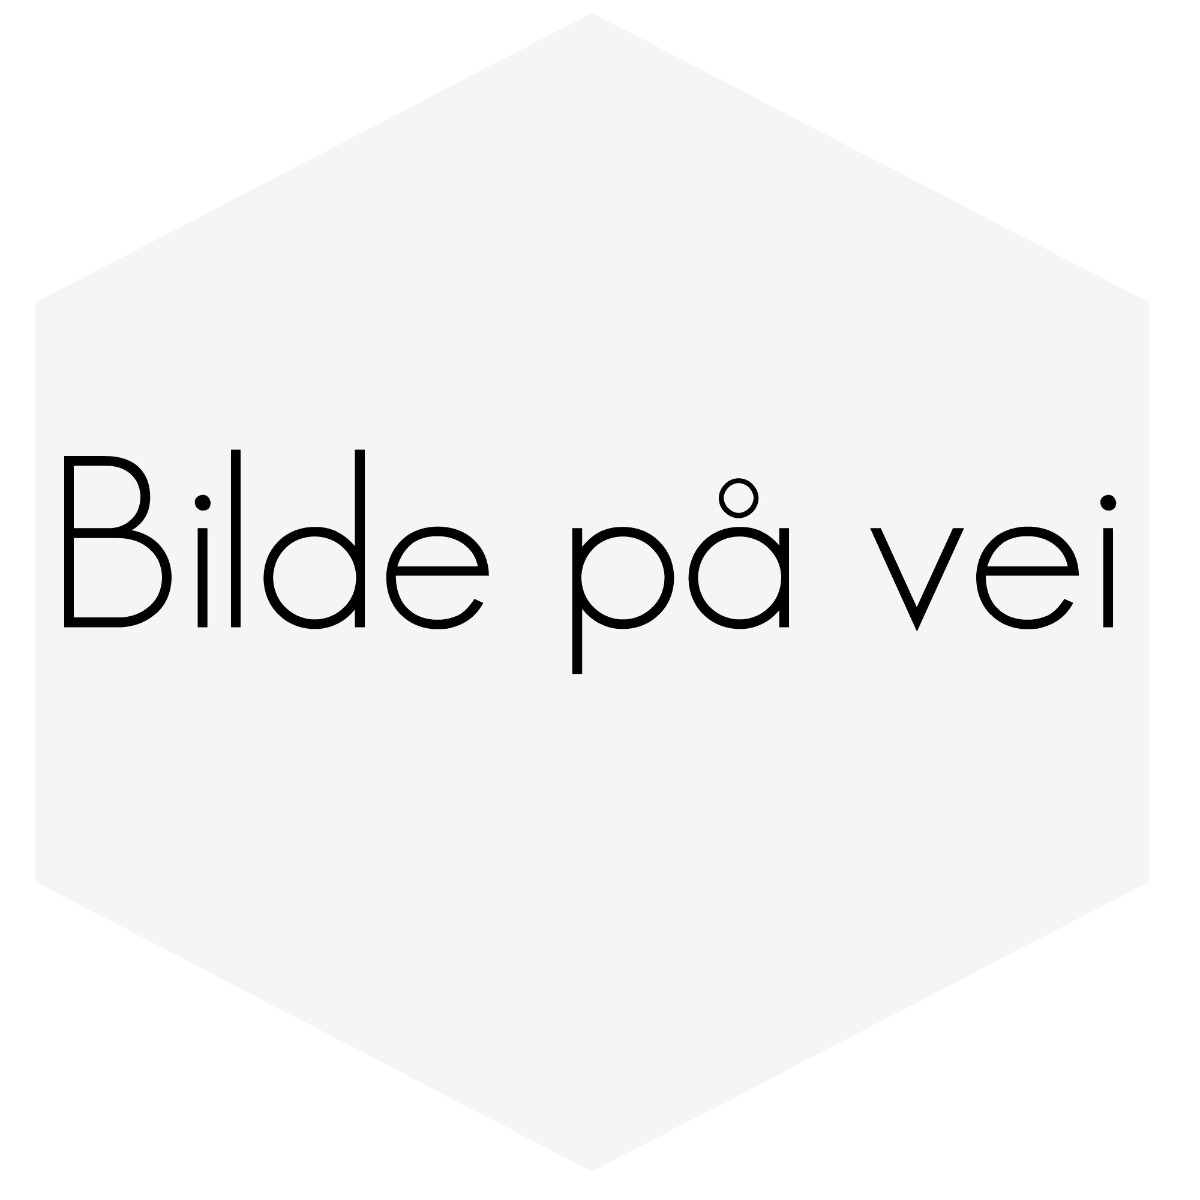 ØYELOKK S40-04>> PÅ BAKLAMPENE SELGES I PAR